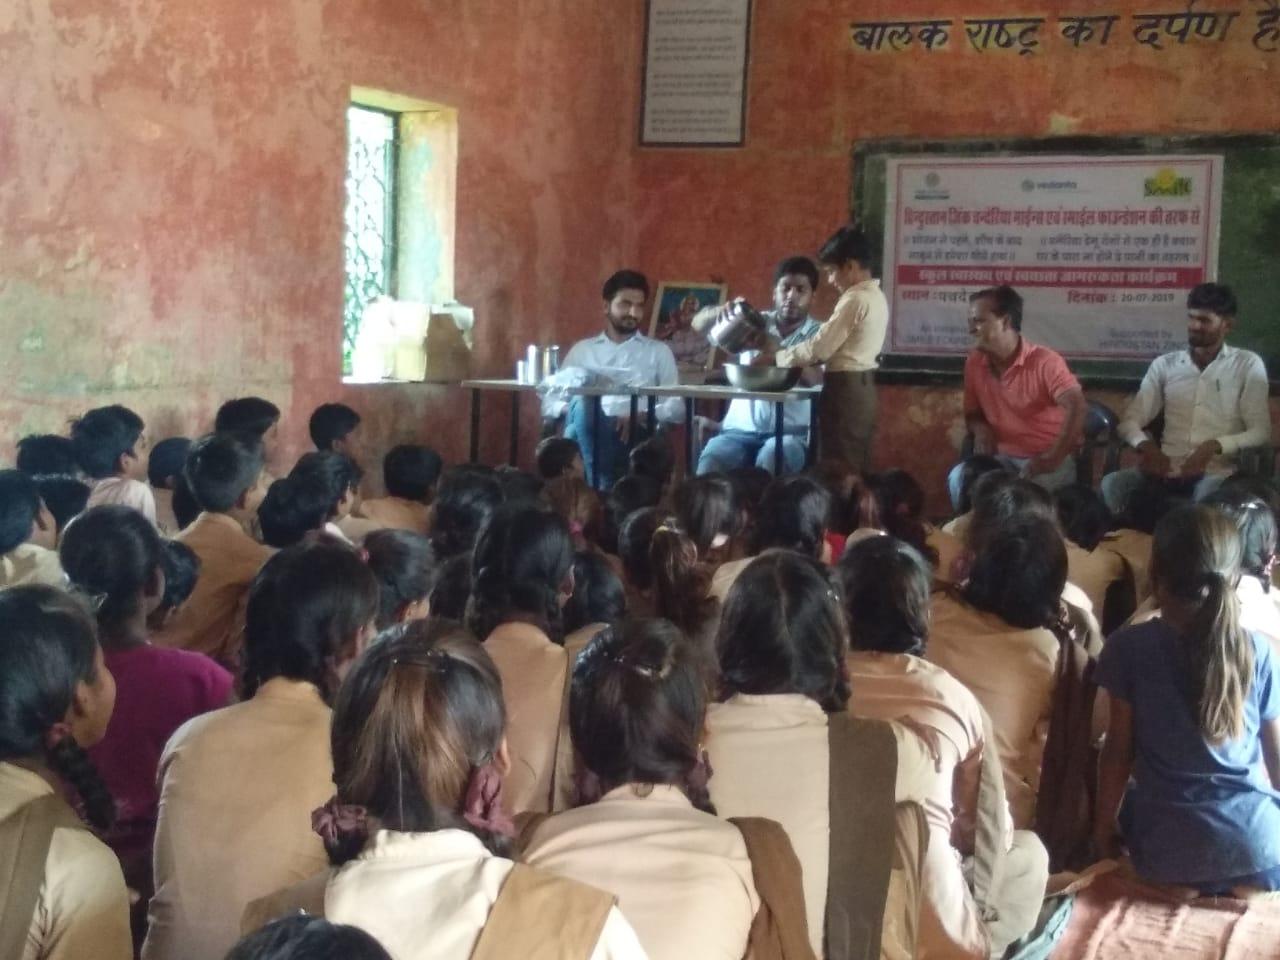 जिंक द्वारा स्वास्थ्य एवं स्वच्छता जागरूकता कार्यक्रम आयोजित